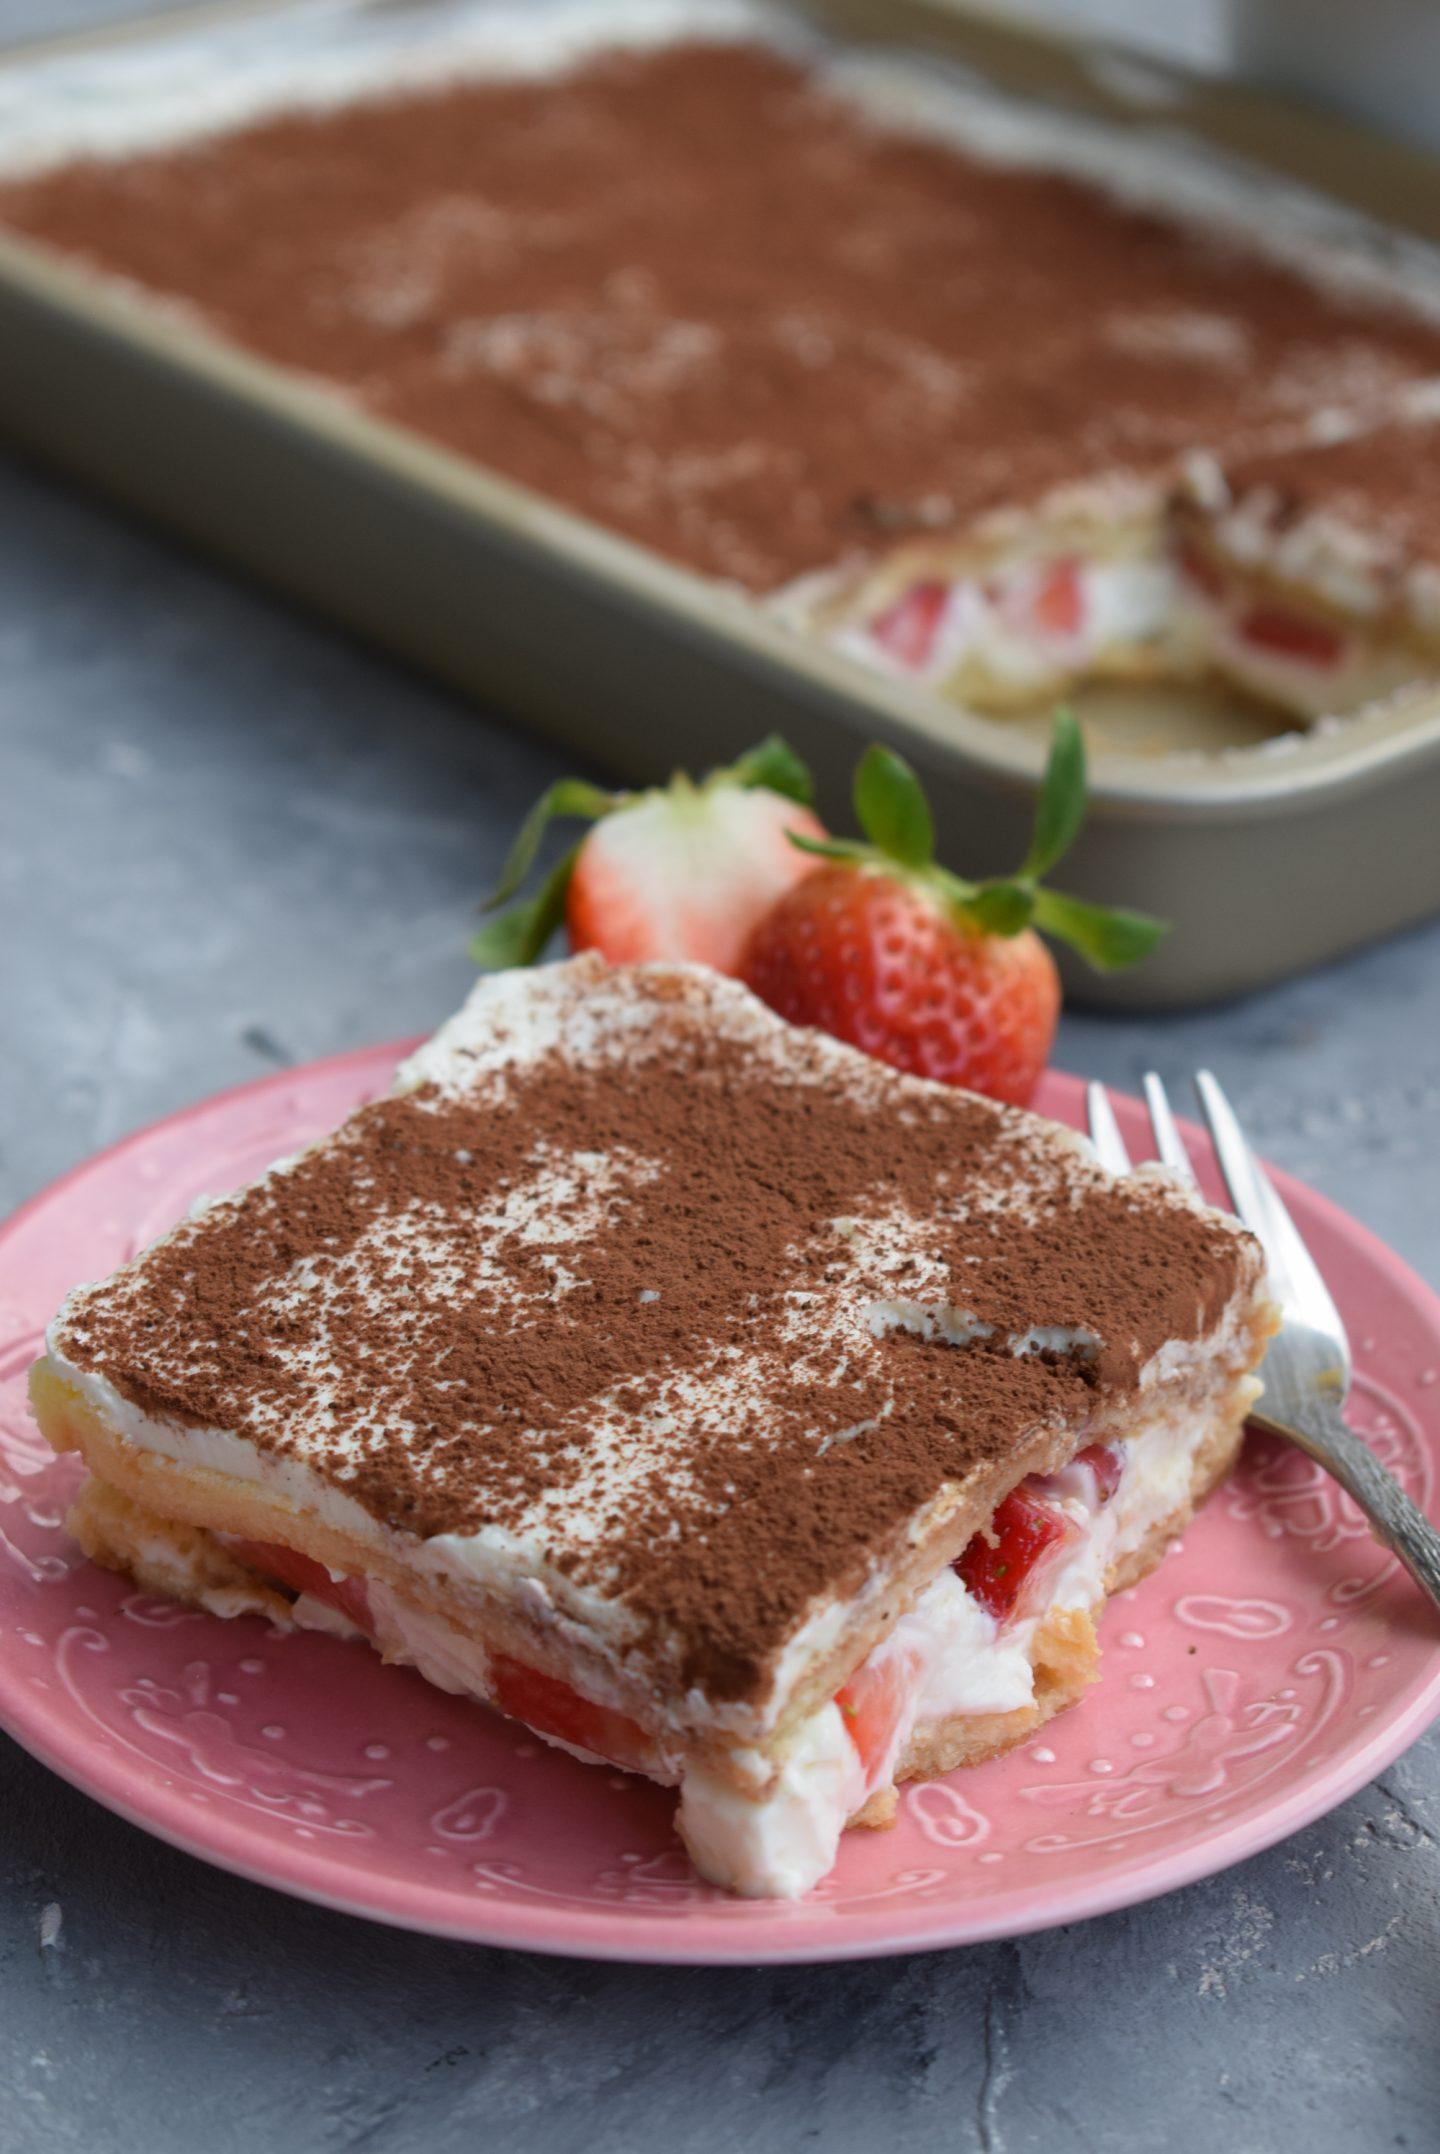 leichte Erdbeer-Tiramisu mit Skyr